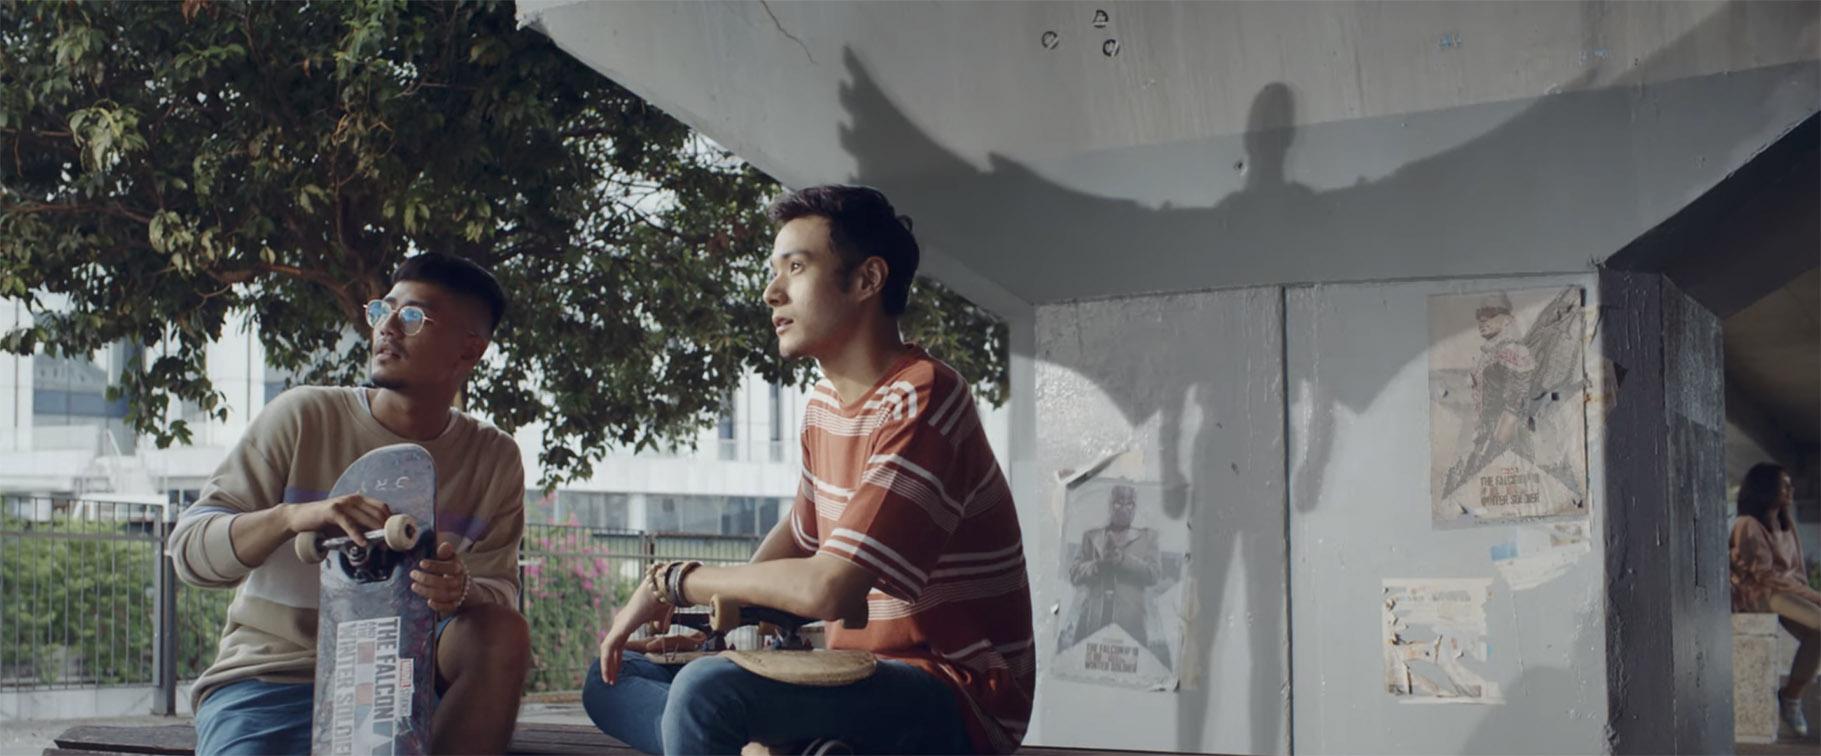 Directors Think Tank shoots launch campaign for Disney+Hotstar Malaysia via Leo Burnett Malaysia